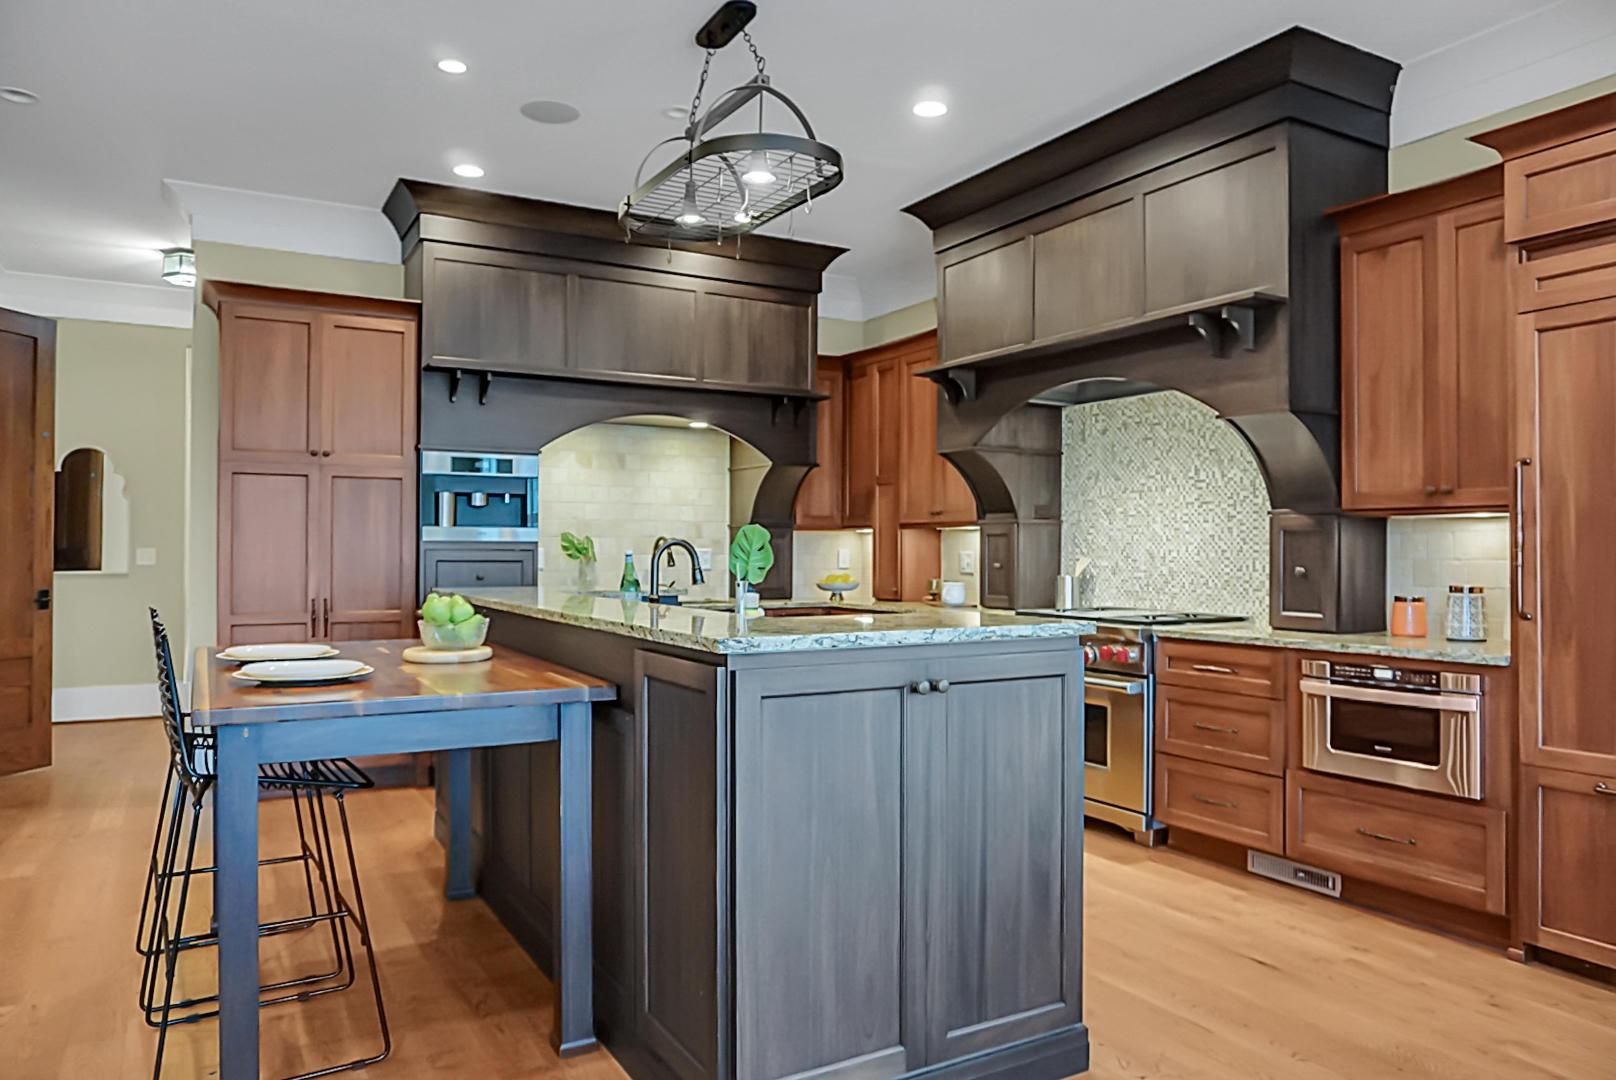 Dunes West Homes For Sale - 2978 River Vista, Mount Pleasant, SC - 89